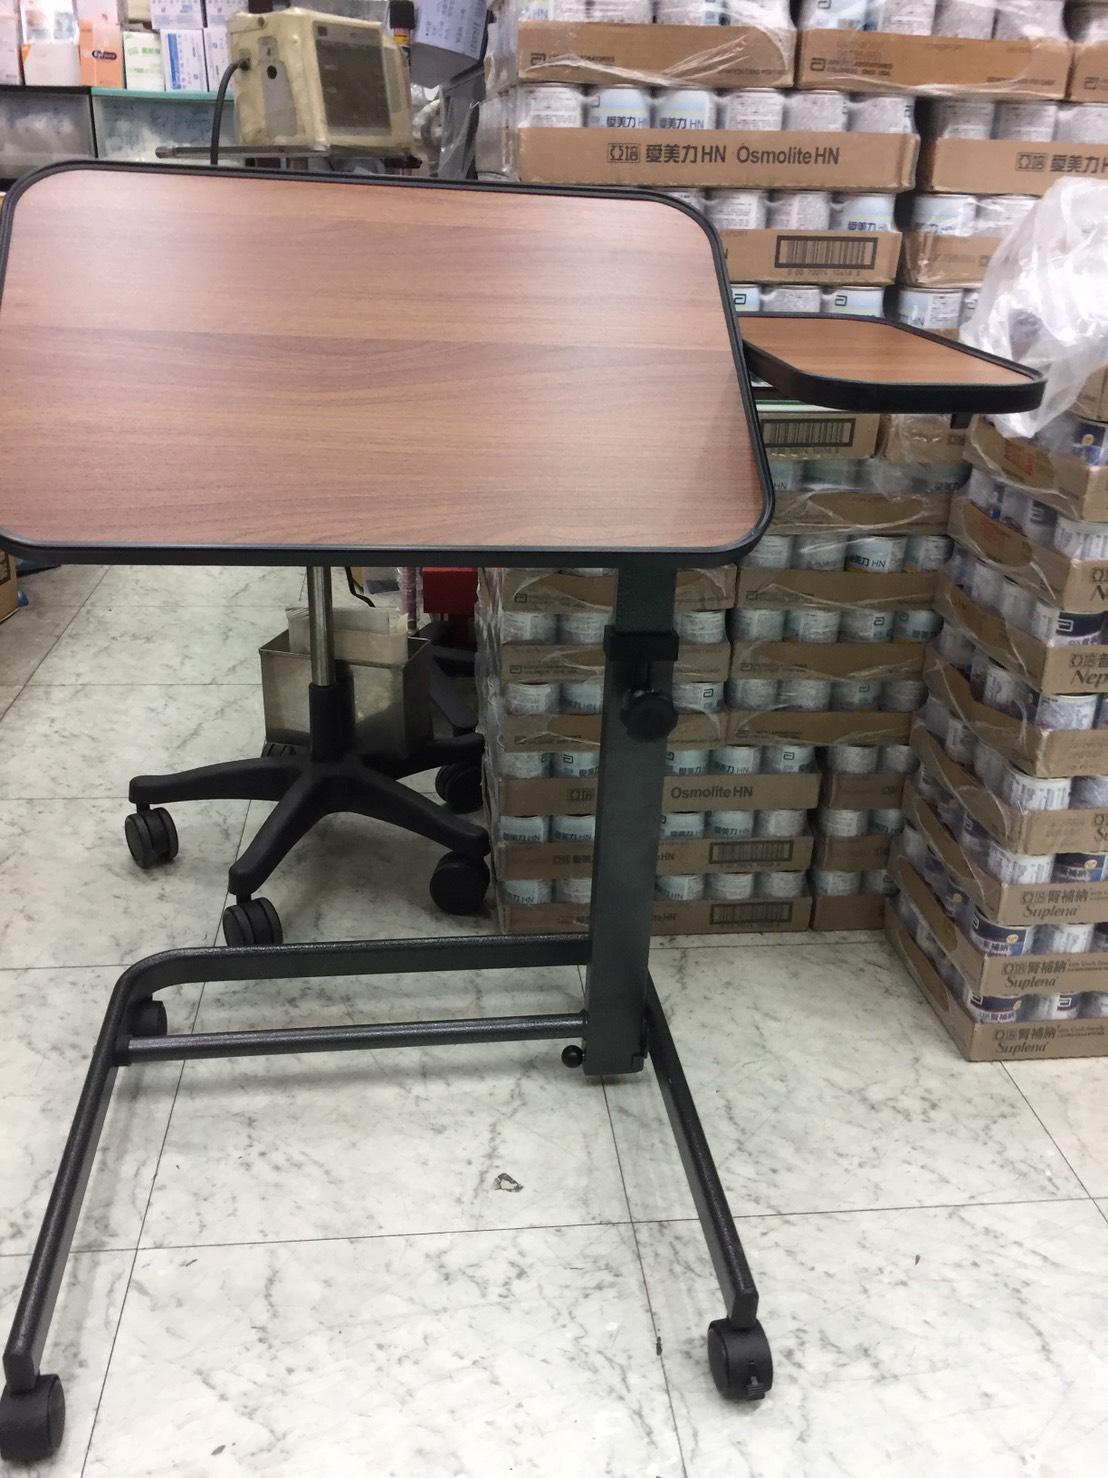 永大醫療~可收可調角度輪餐桌板/移動式餐桌版/升降餐桌板/工作桌/床上桌~特價1680元